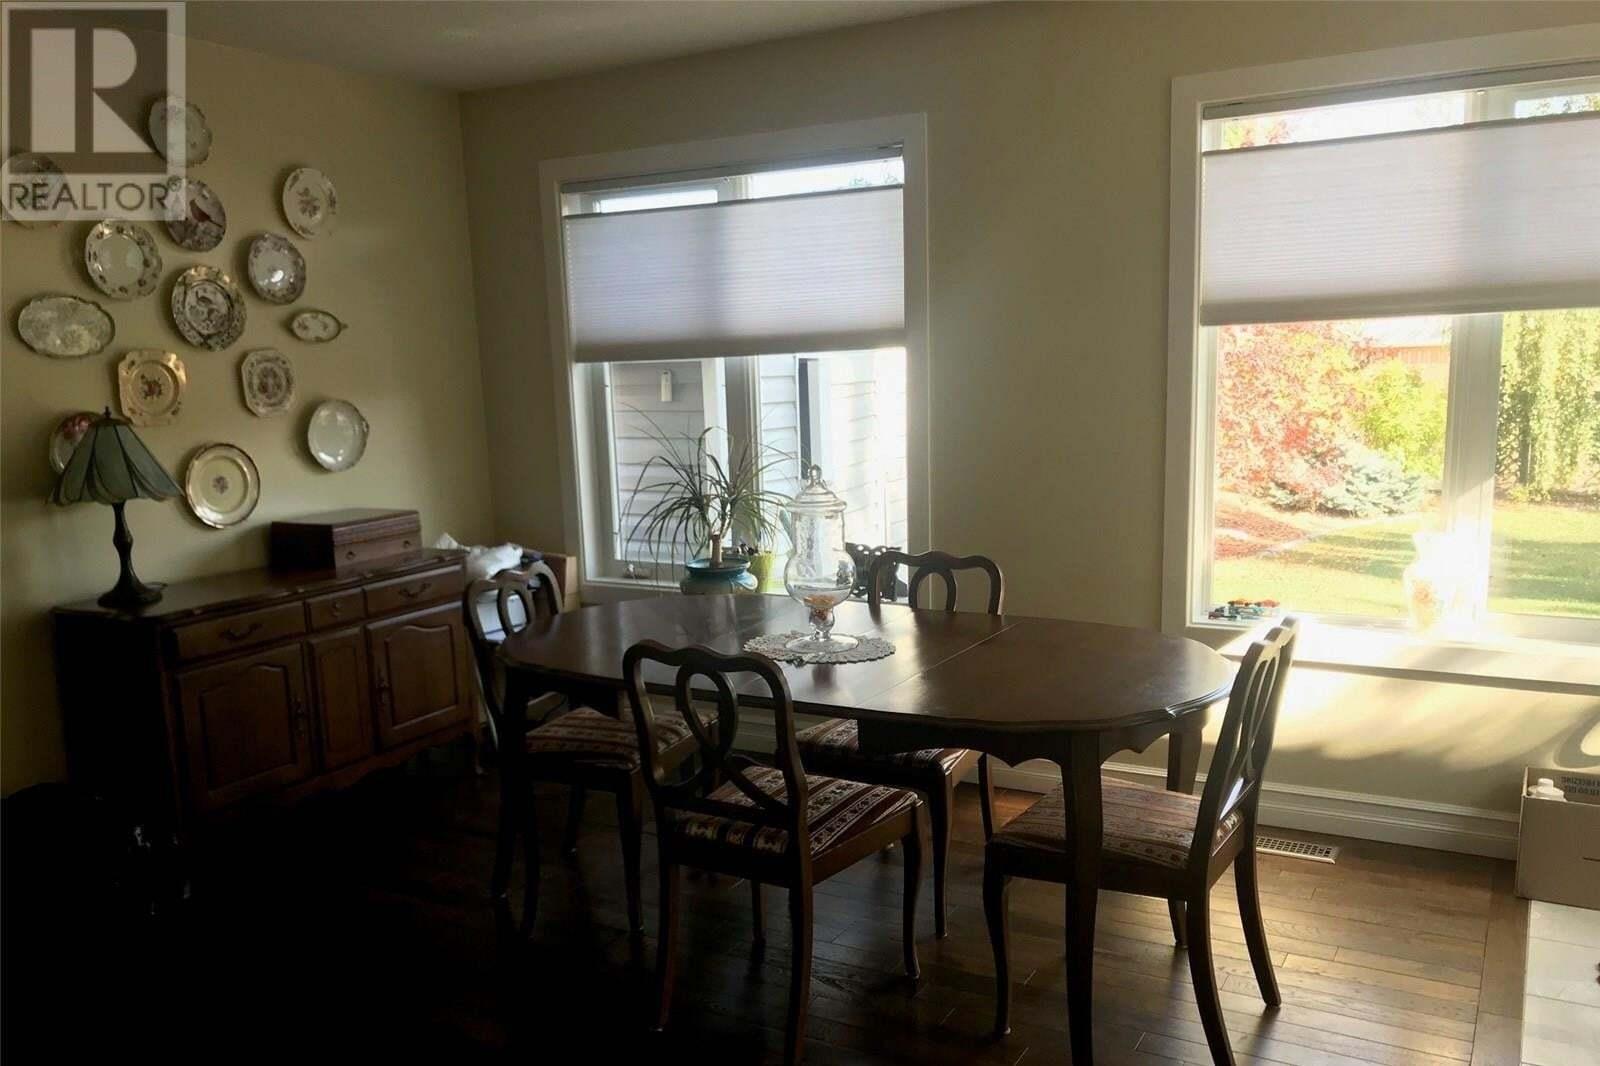 House for sale at 2310 Henderson Dr North Battleford Saskatchewan - MLS: SK828225